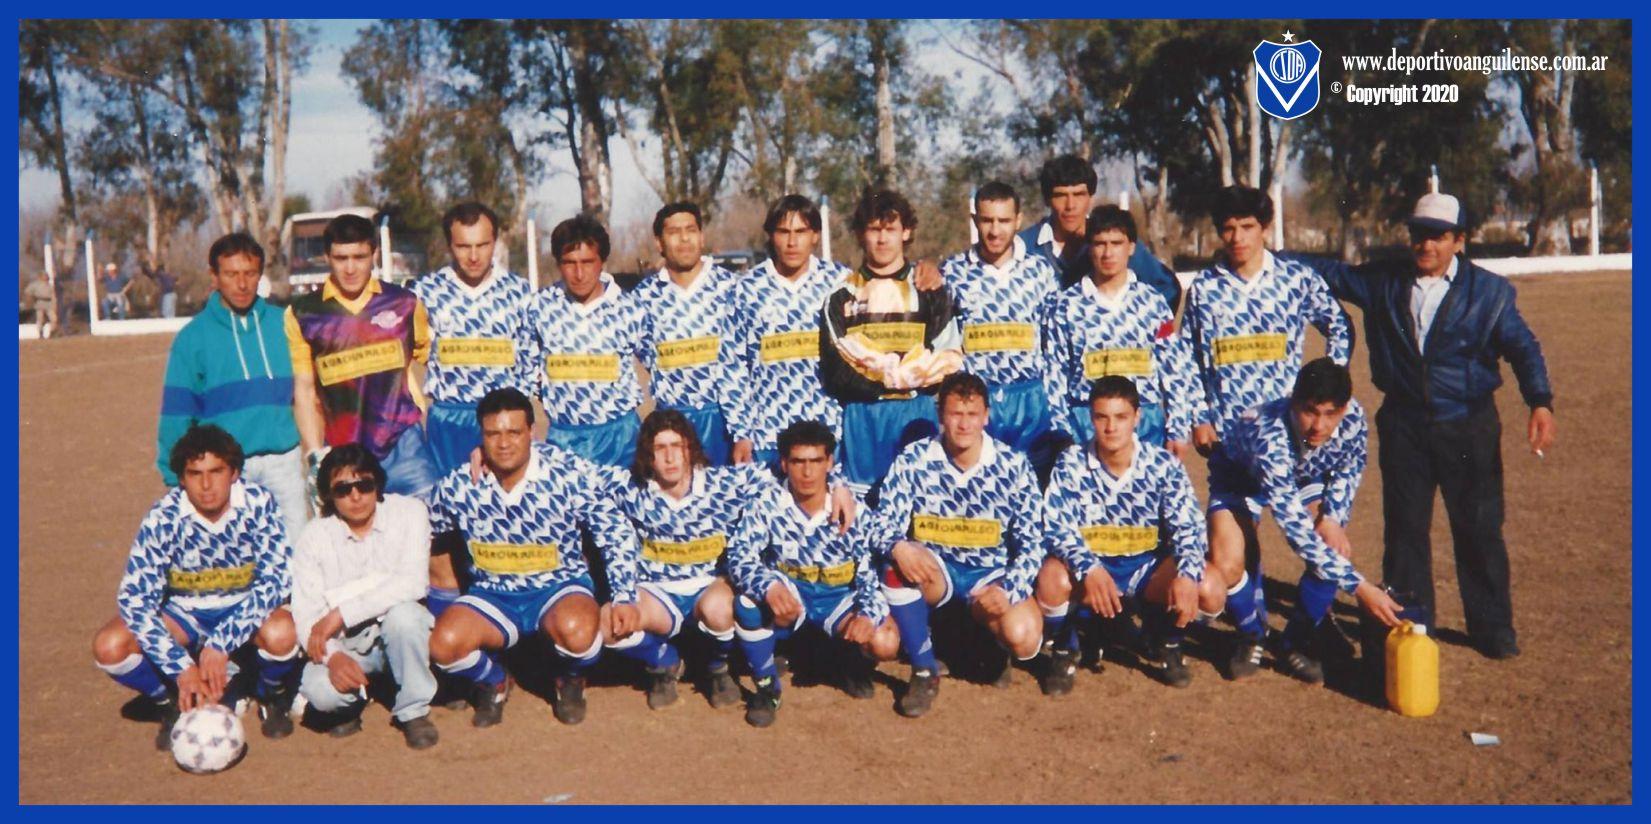 Anguilense 1995